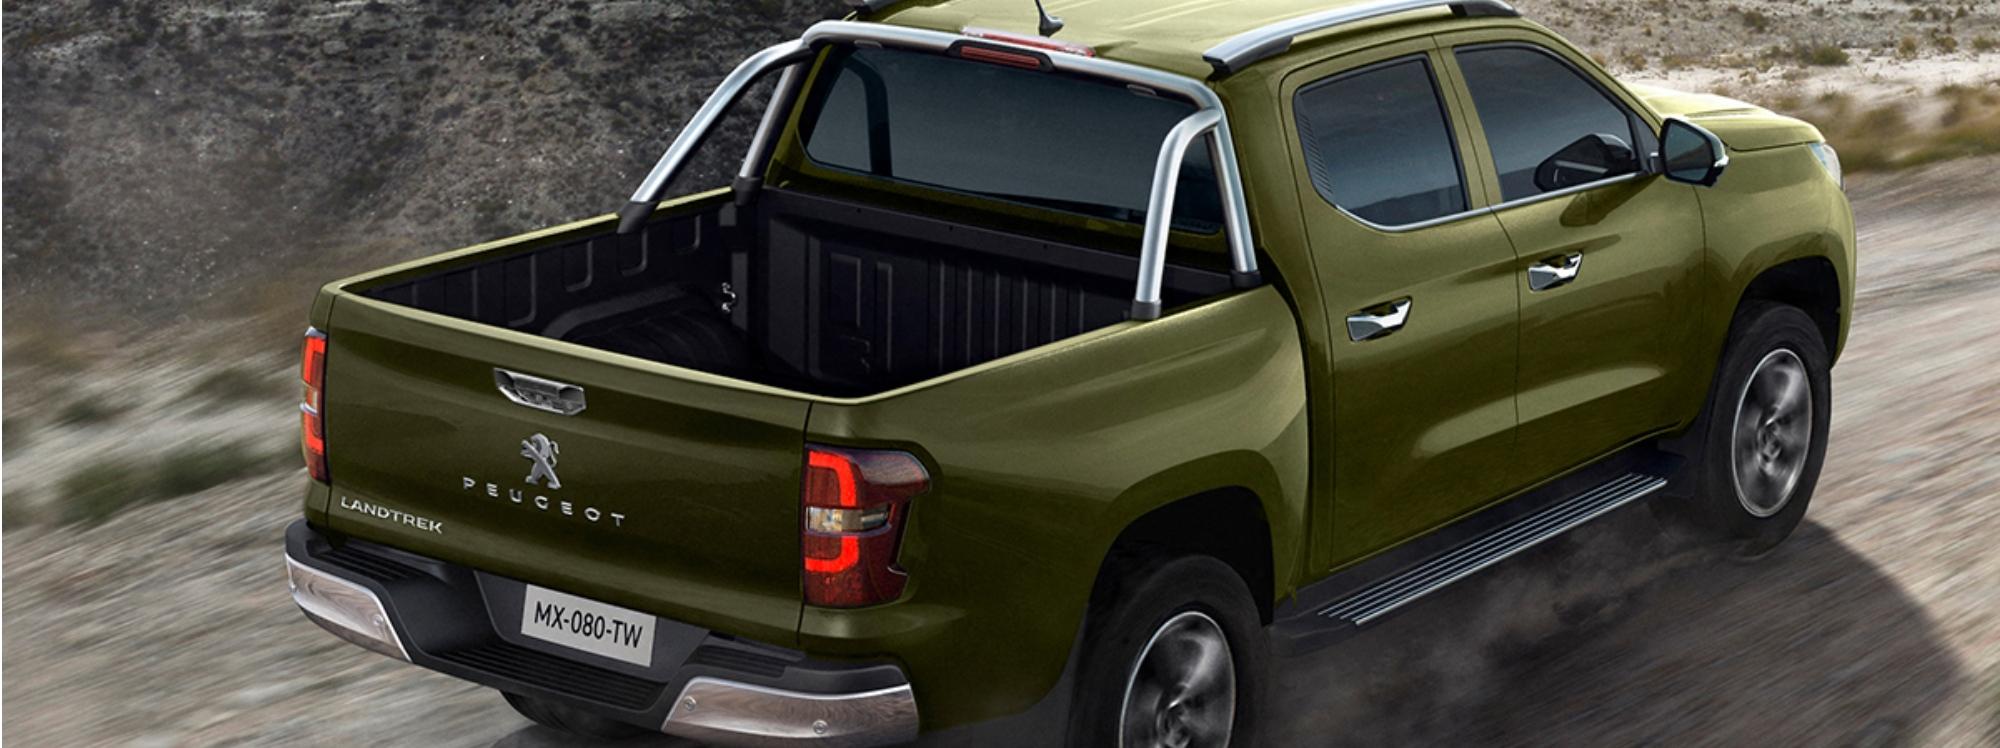 La Peugeot Landtrek se presentará en Latinoamérica en noviembre